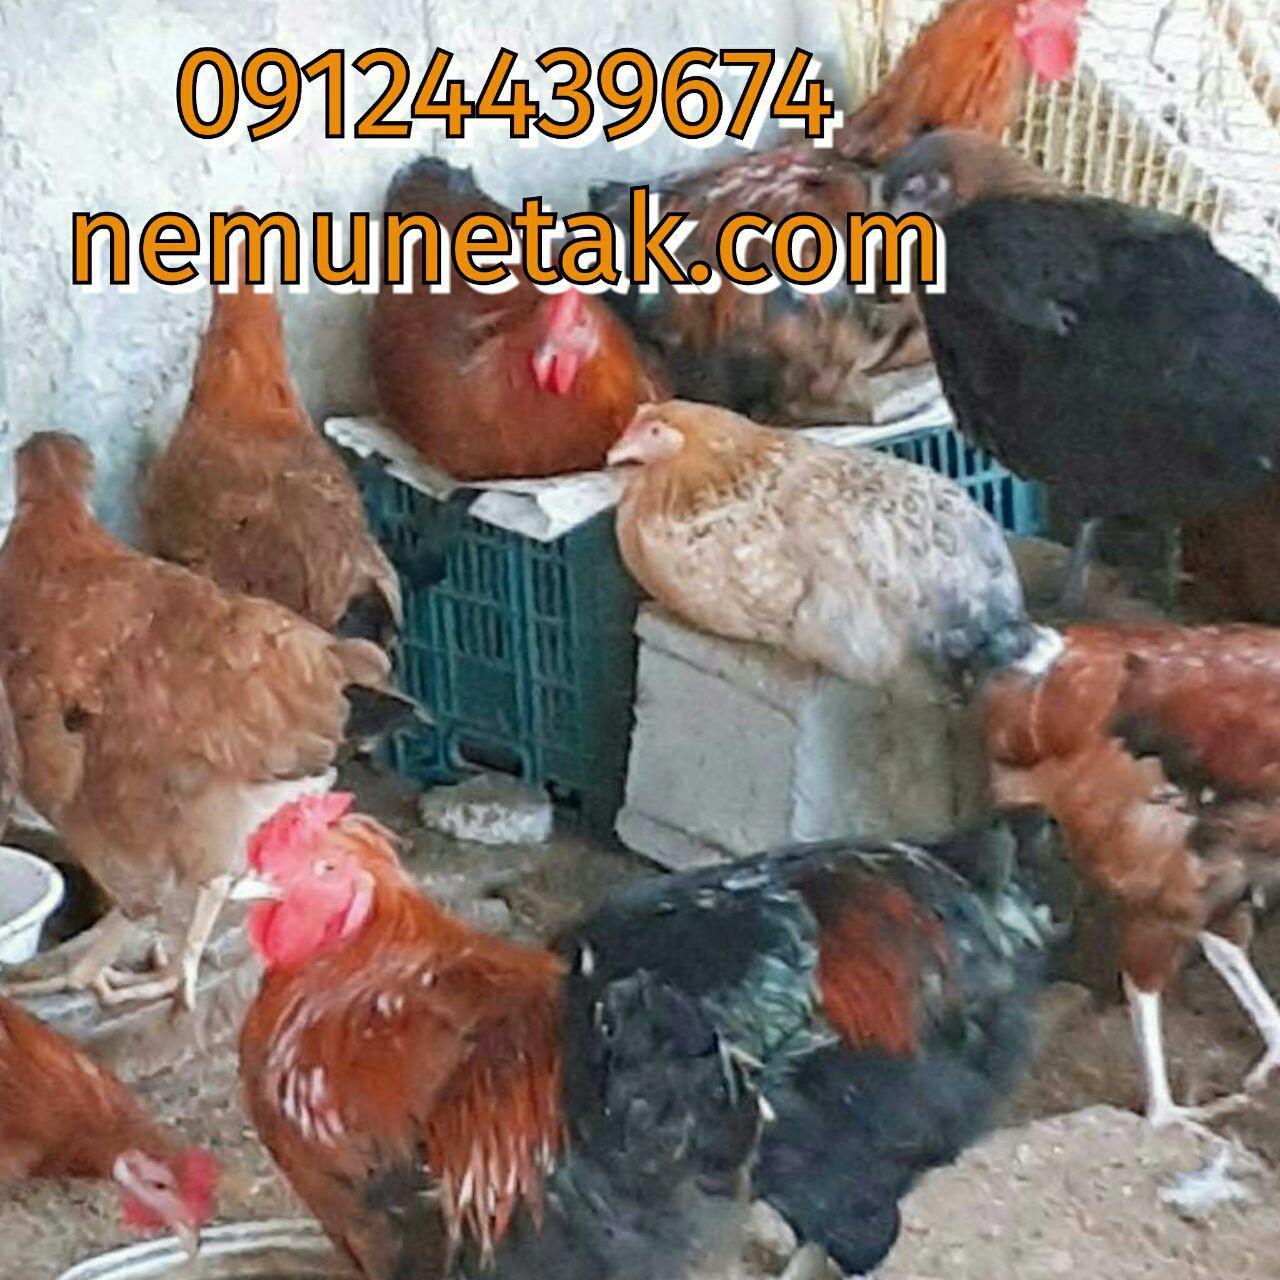 فروش مرغ گلپایگانی 09124496359 09124439674 09121392838 خرید فروش جوجه رنگی09131393868